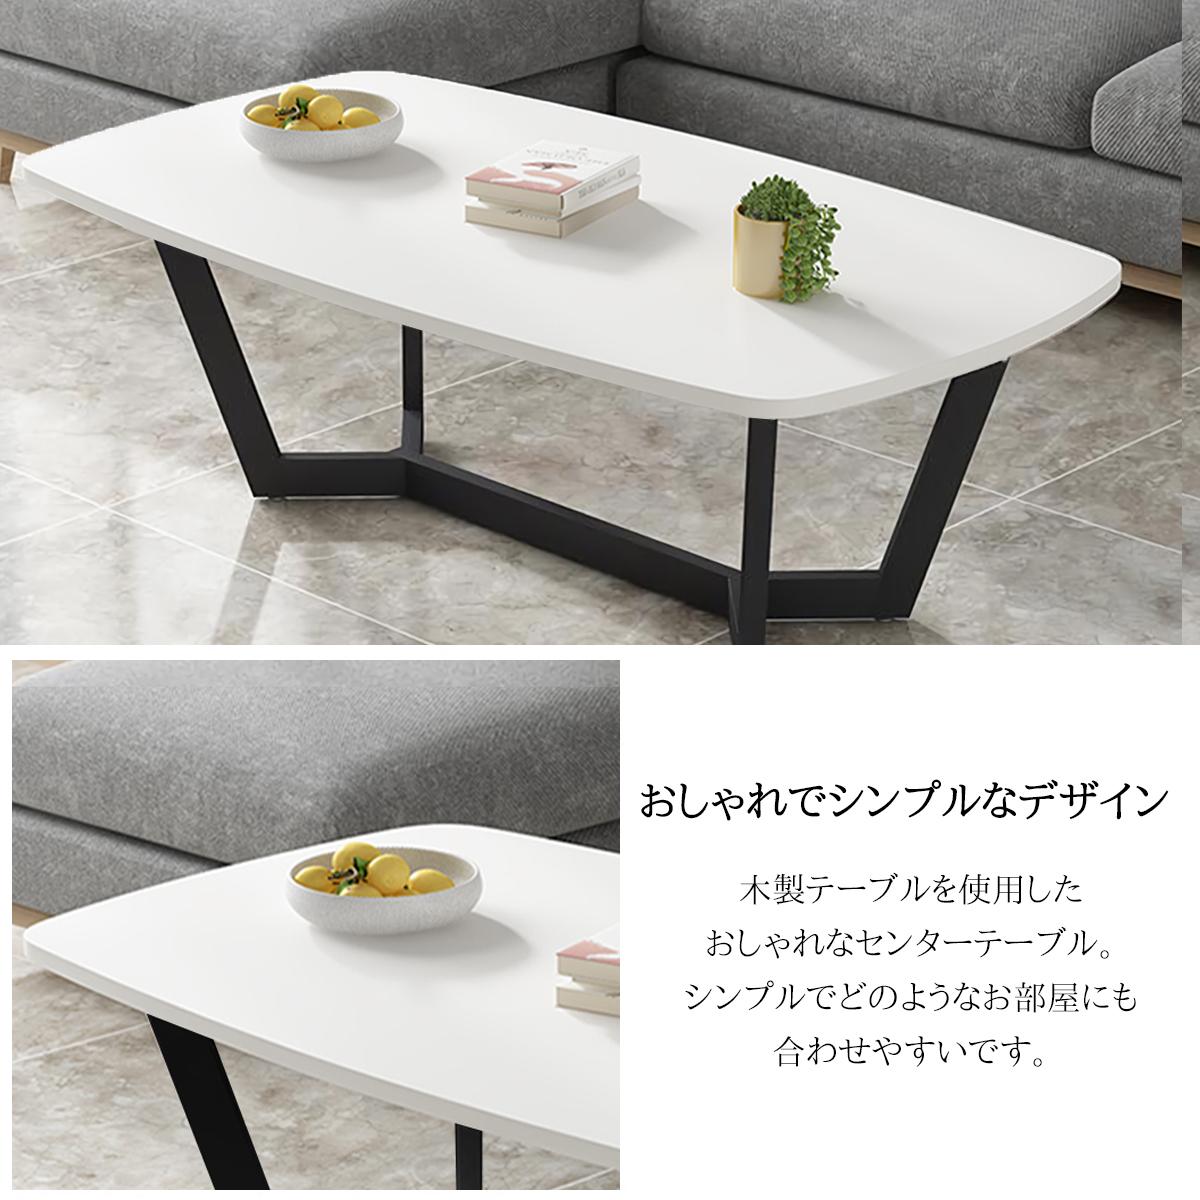 センターテーブル リビングテーブル 木製 テーブル ローテーブル パソコン ソファ ベッド 北欧 高級 リビング シンプル おしゃれ CT-13_画像2